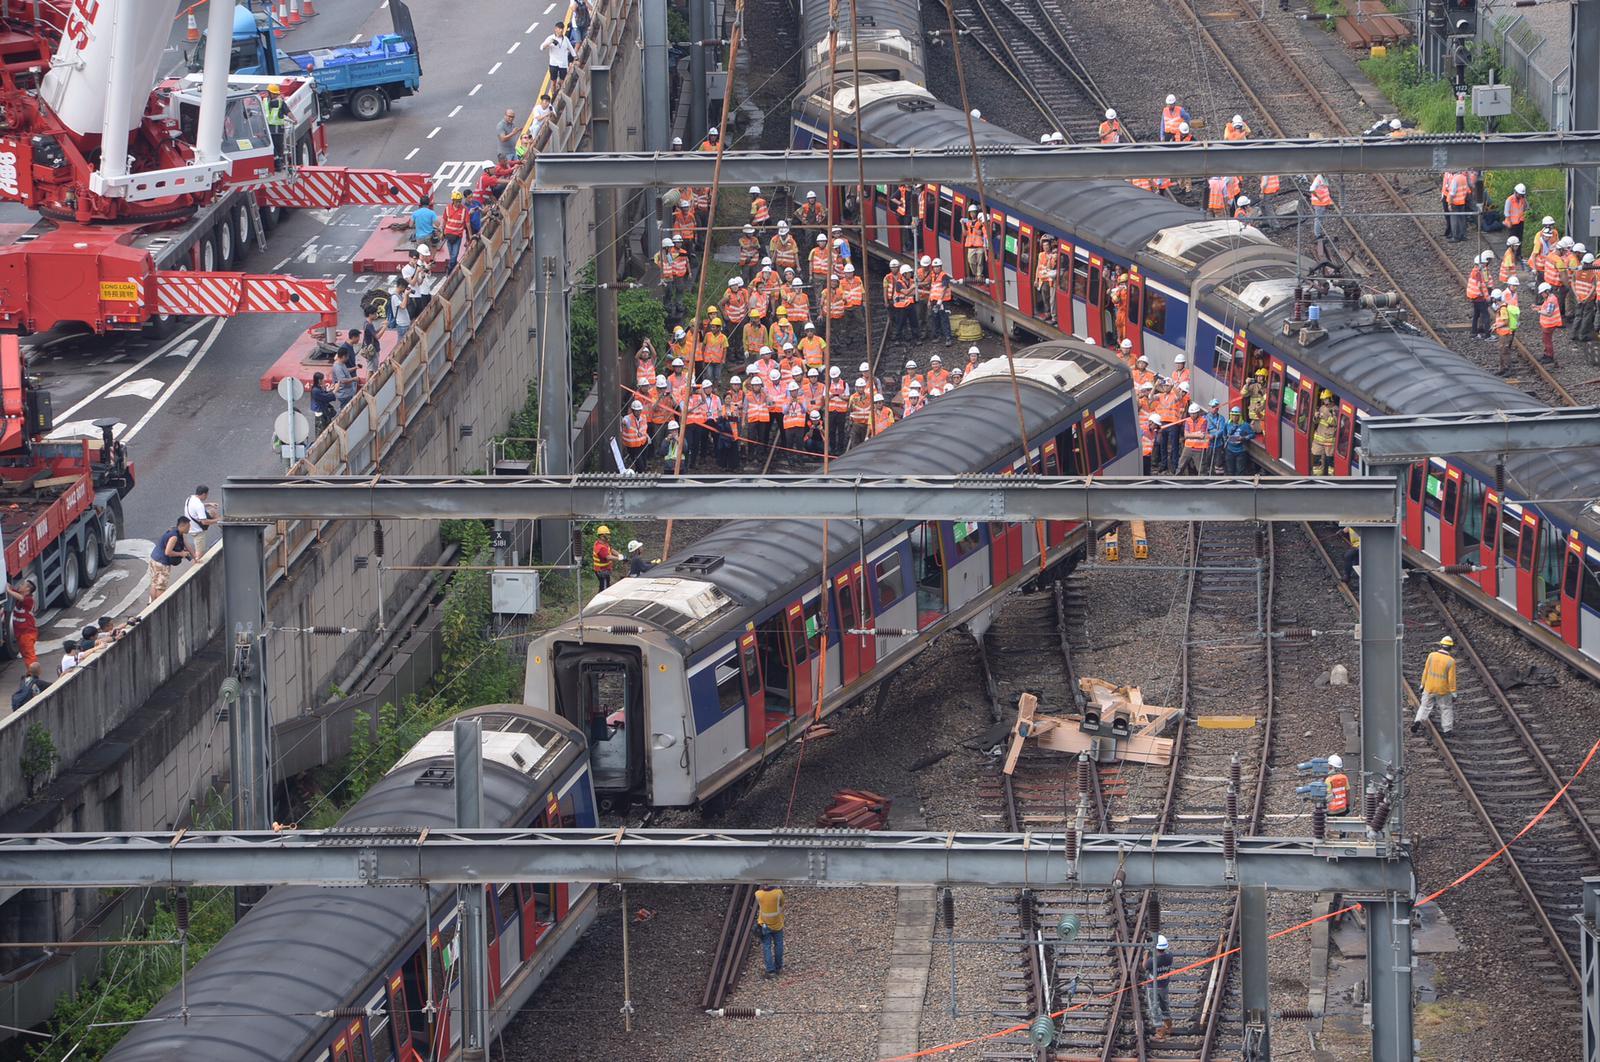 港鐵工程人員正將出軌的車廂吊起並扶正。